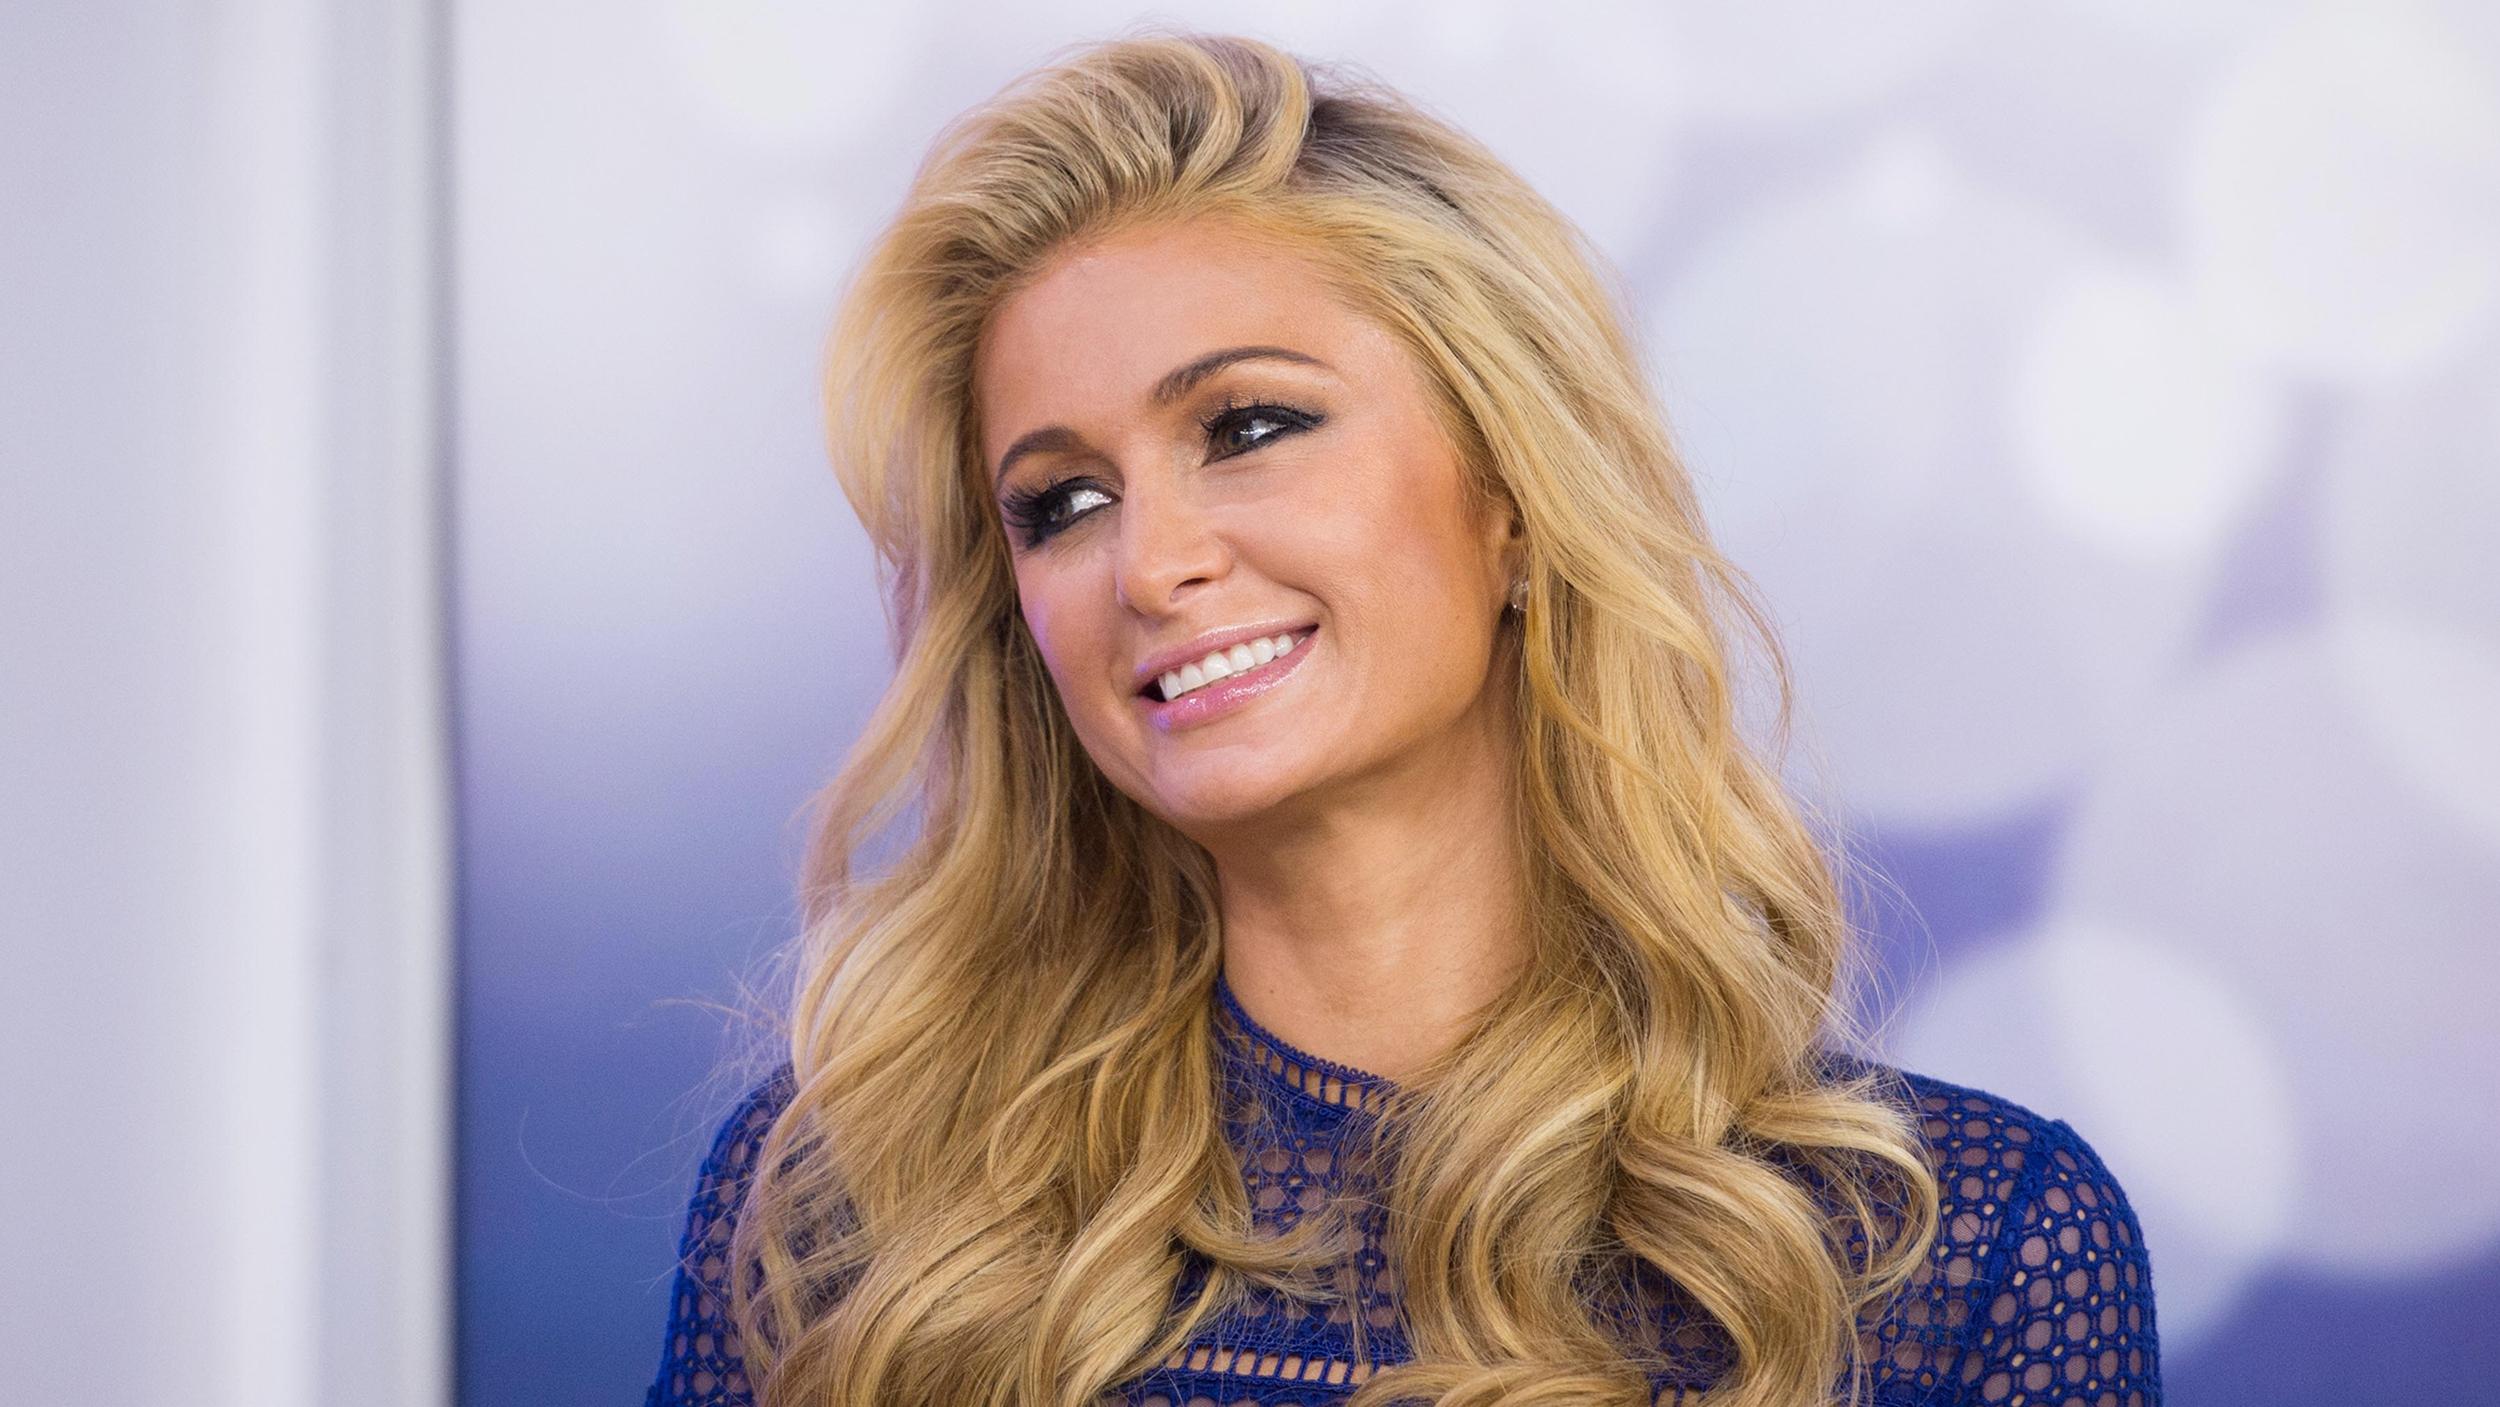 Paris Hilton Wallpapers Hq